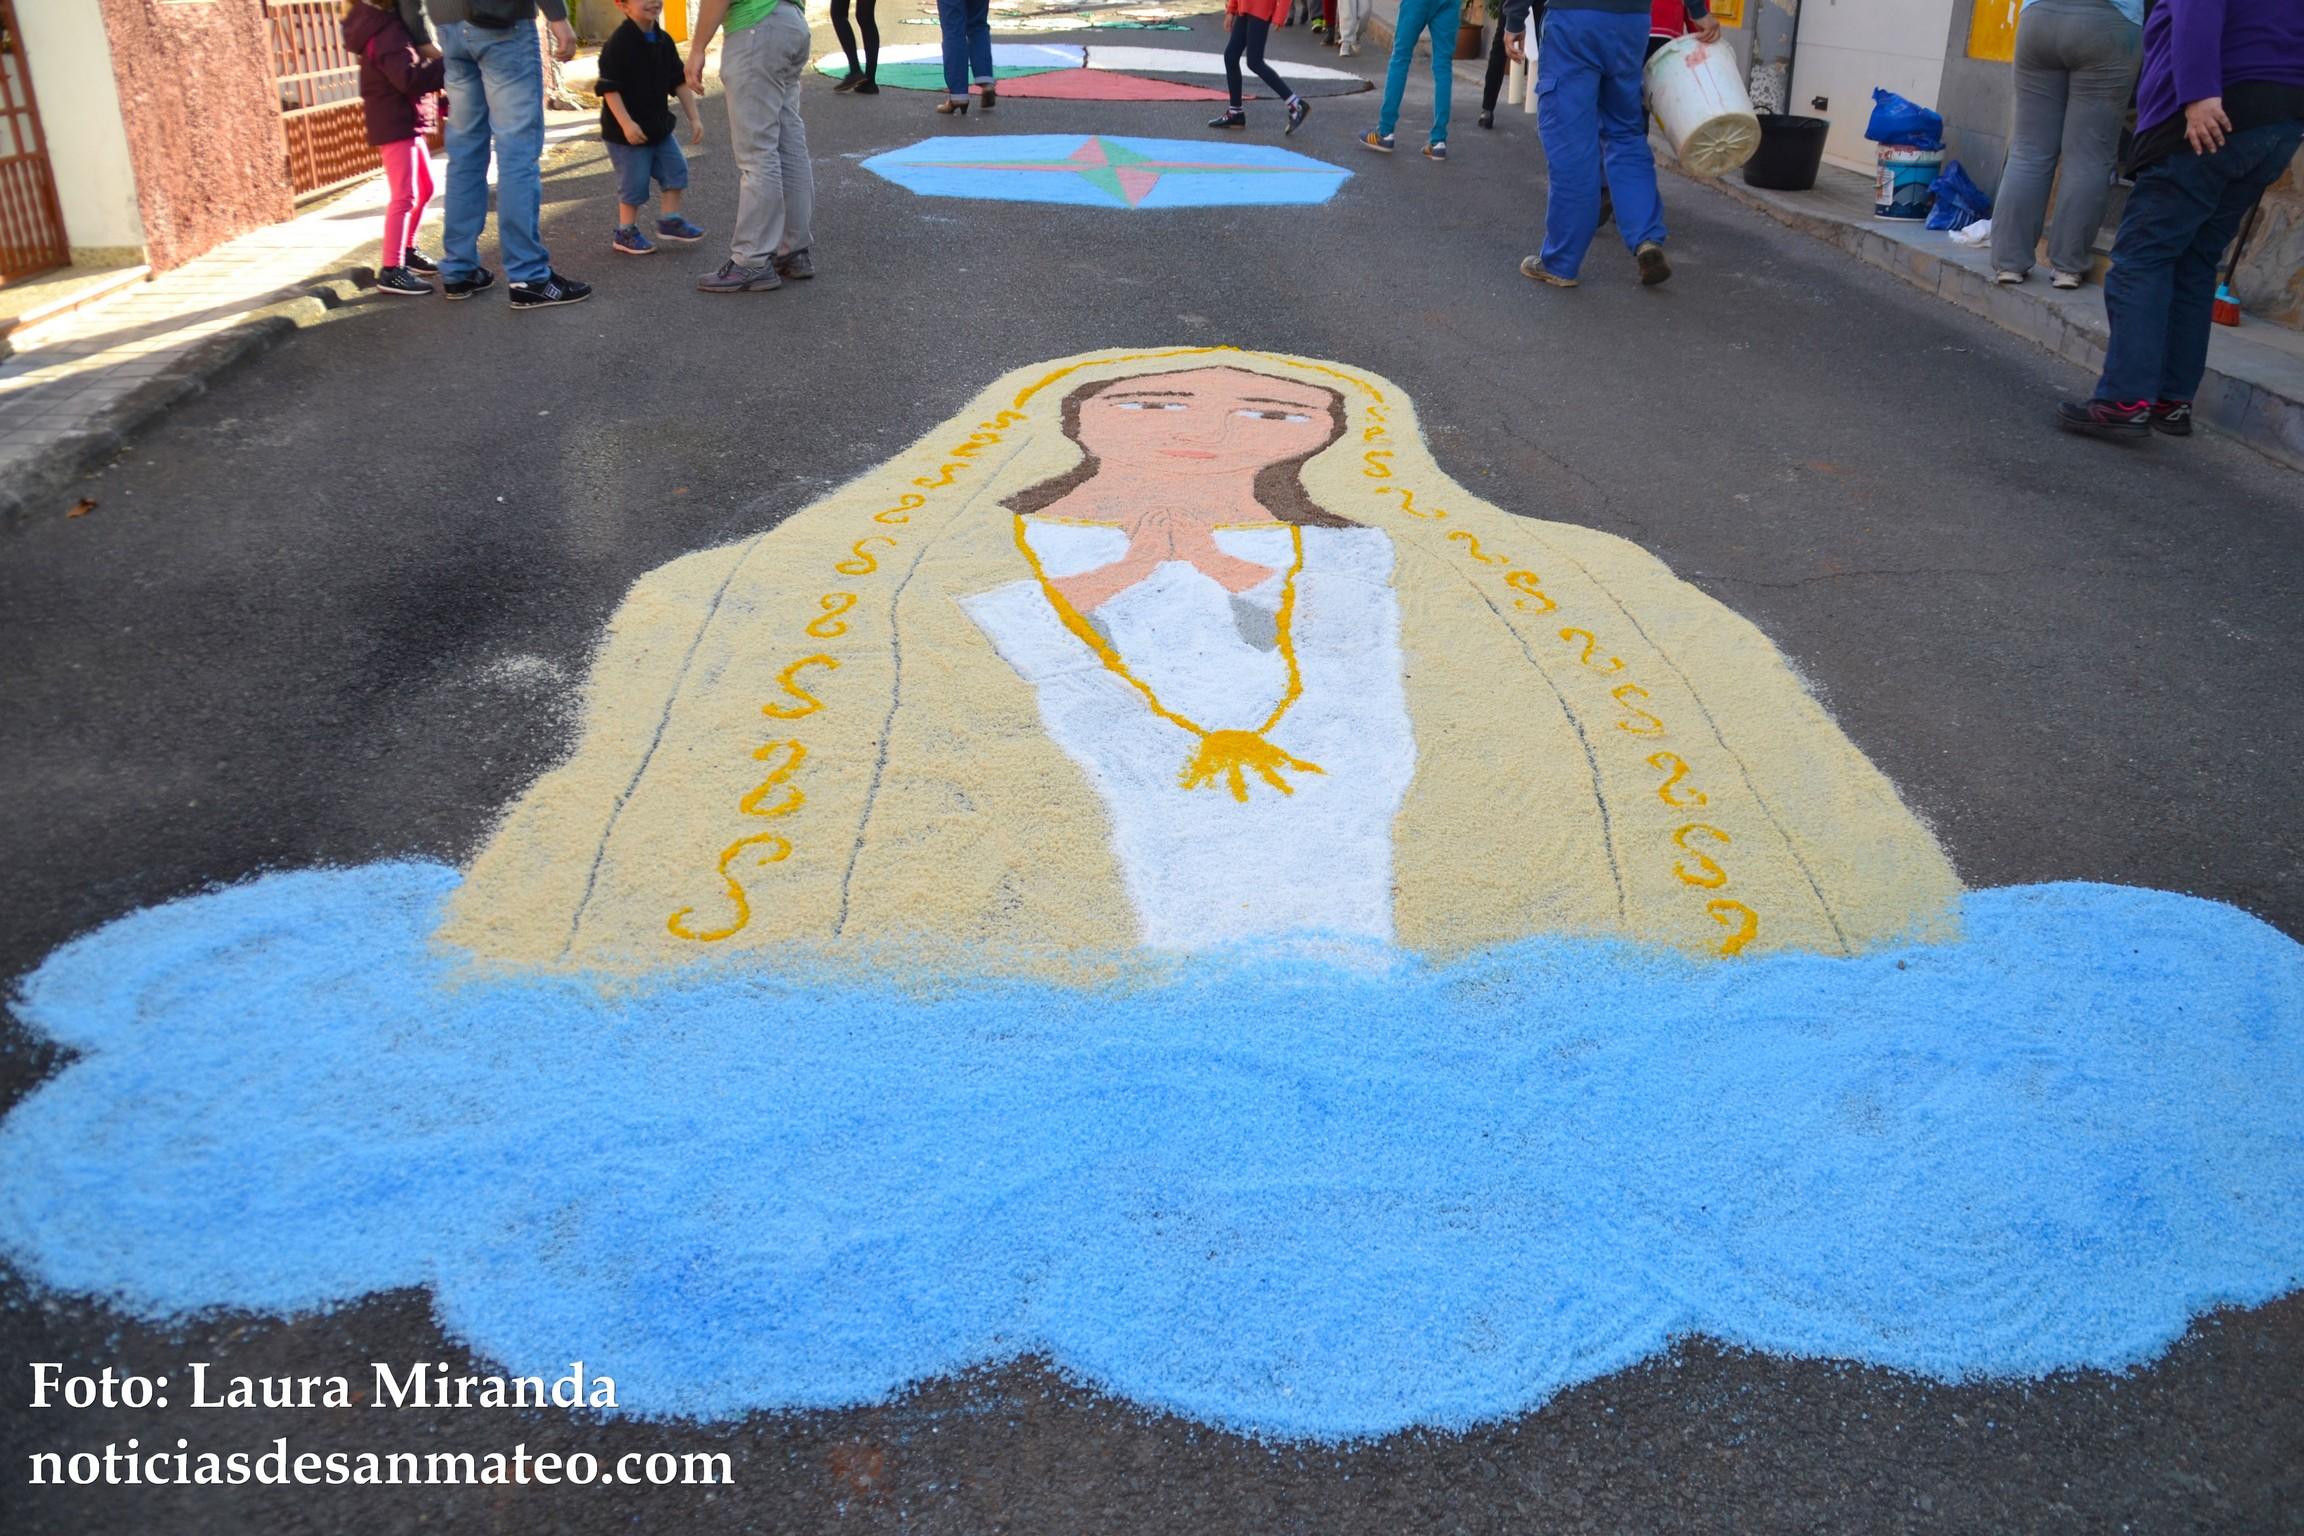 Alfombras Fiestas de Fatima calle La Palma 8 de mayo de 2016 Foto Laura Miranda 1